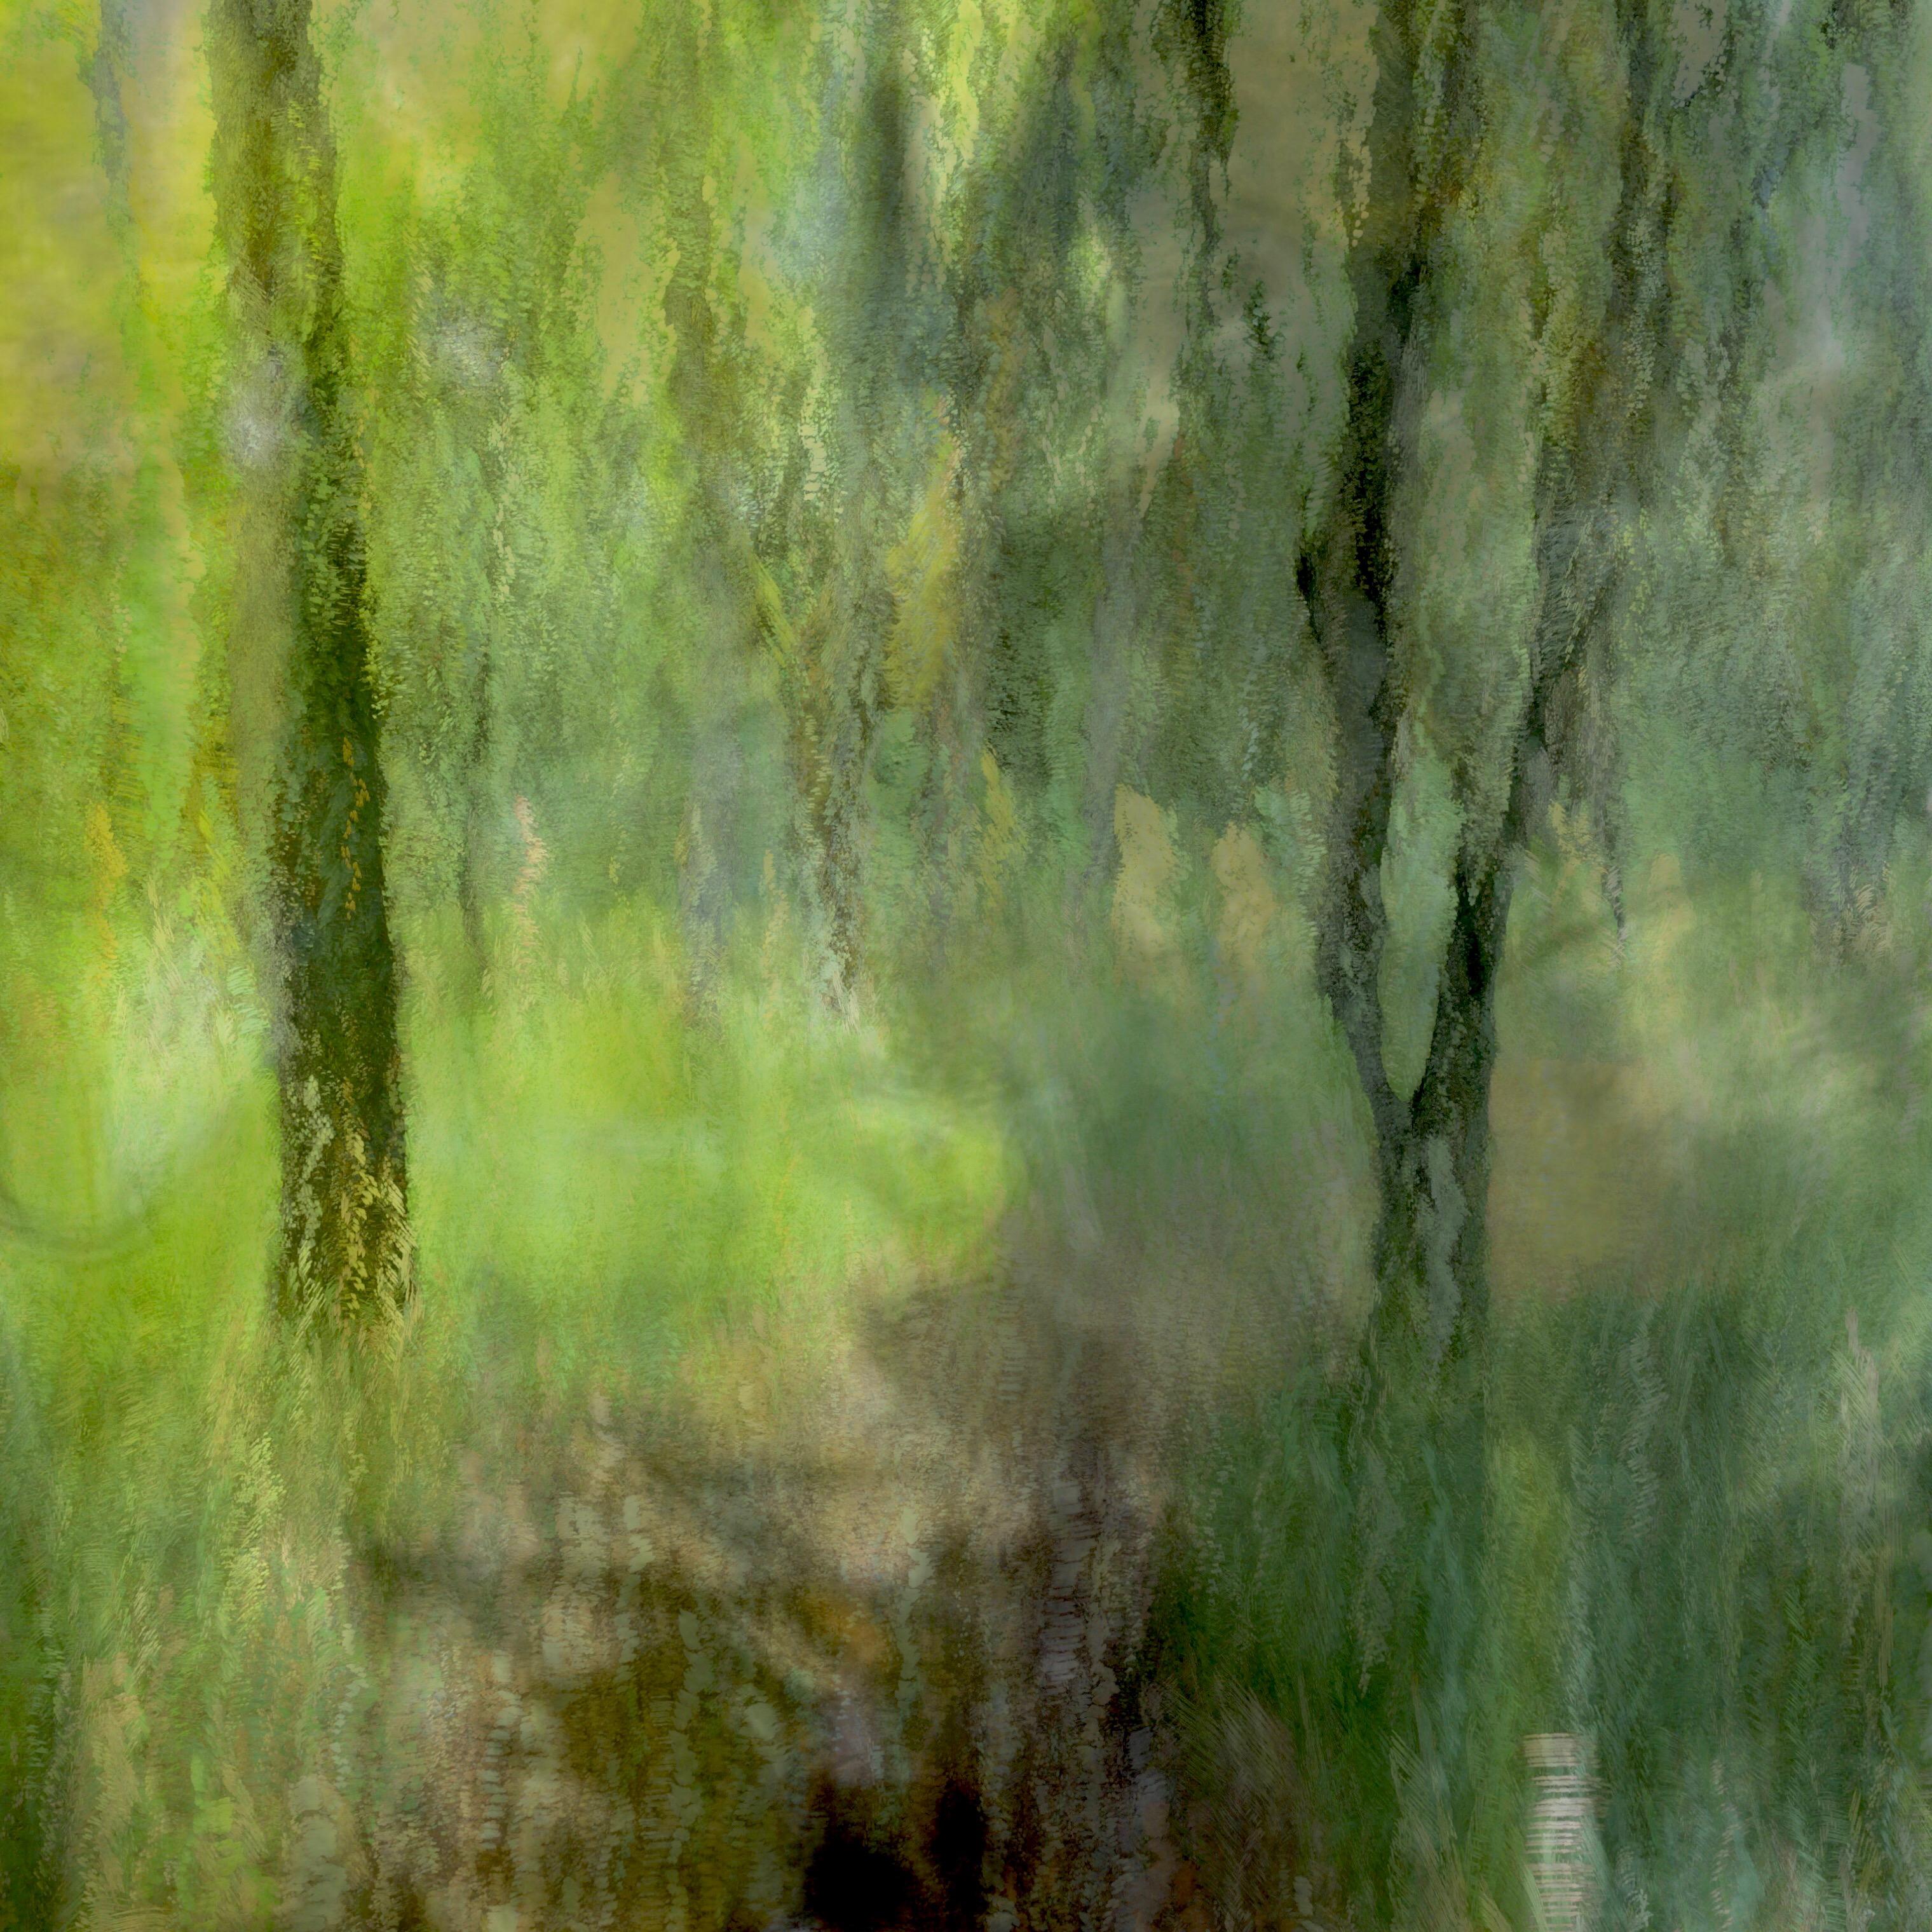 Un ejemplo de una foto del movimiento intencional de la cámara en el bosque